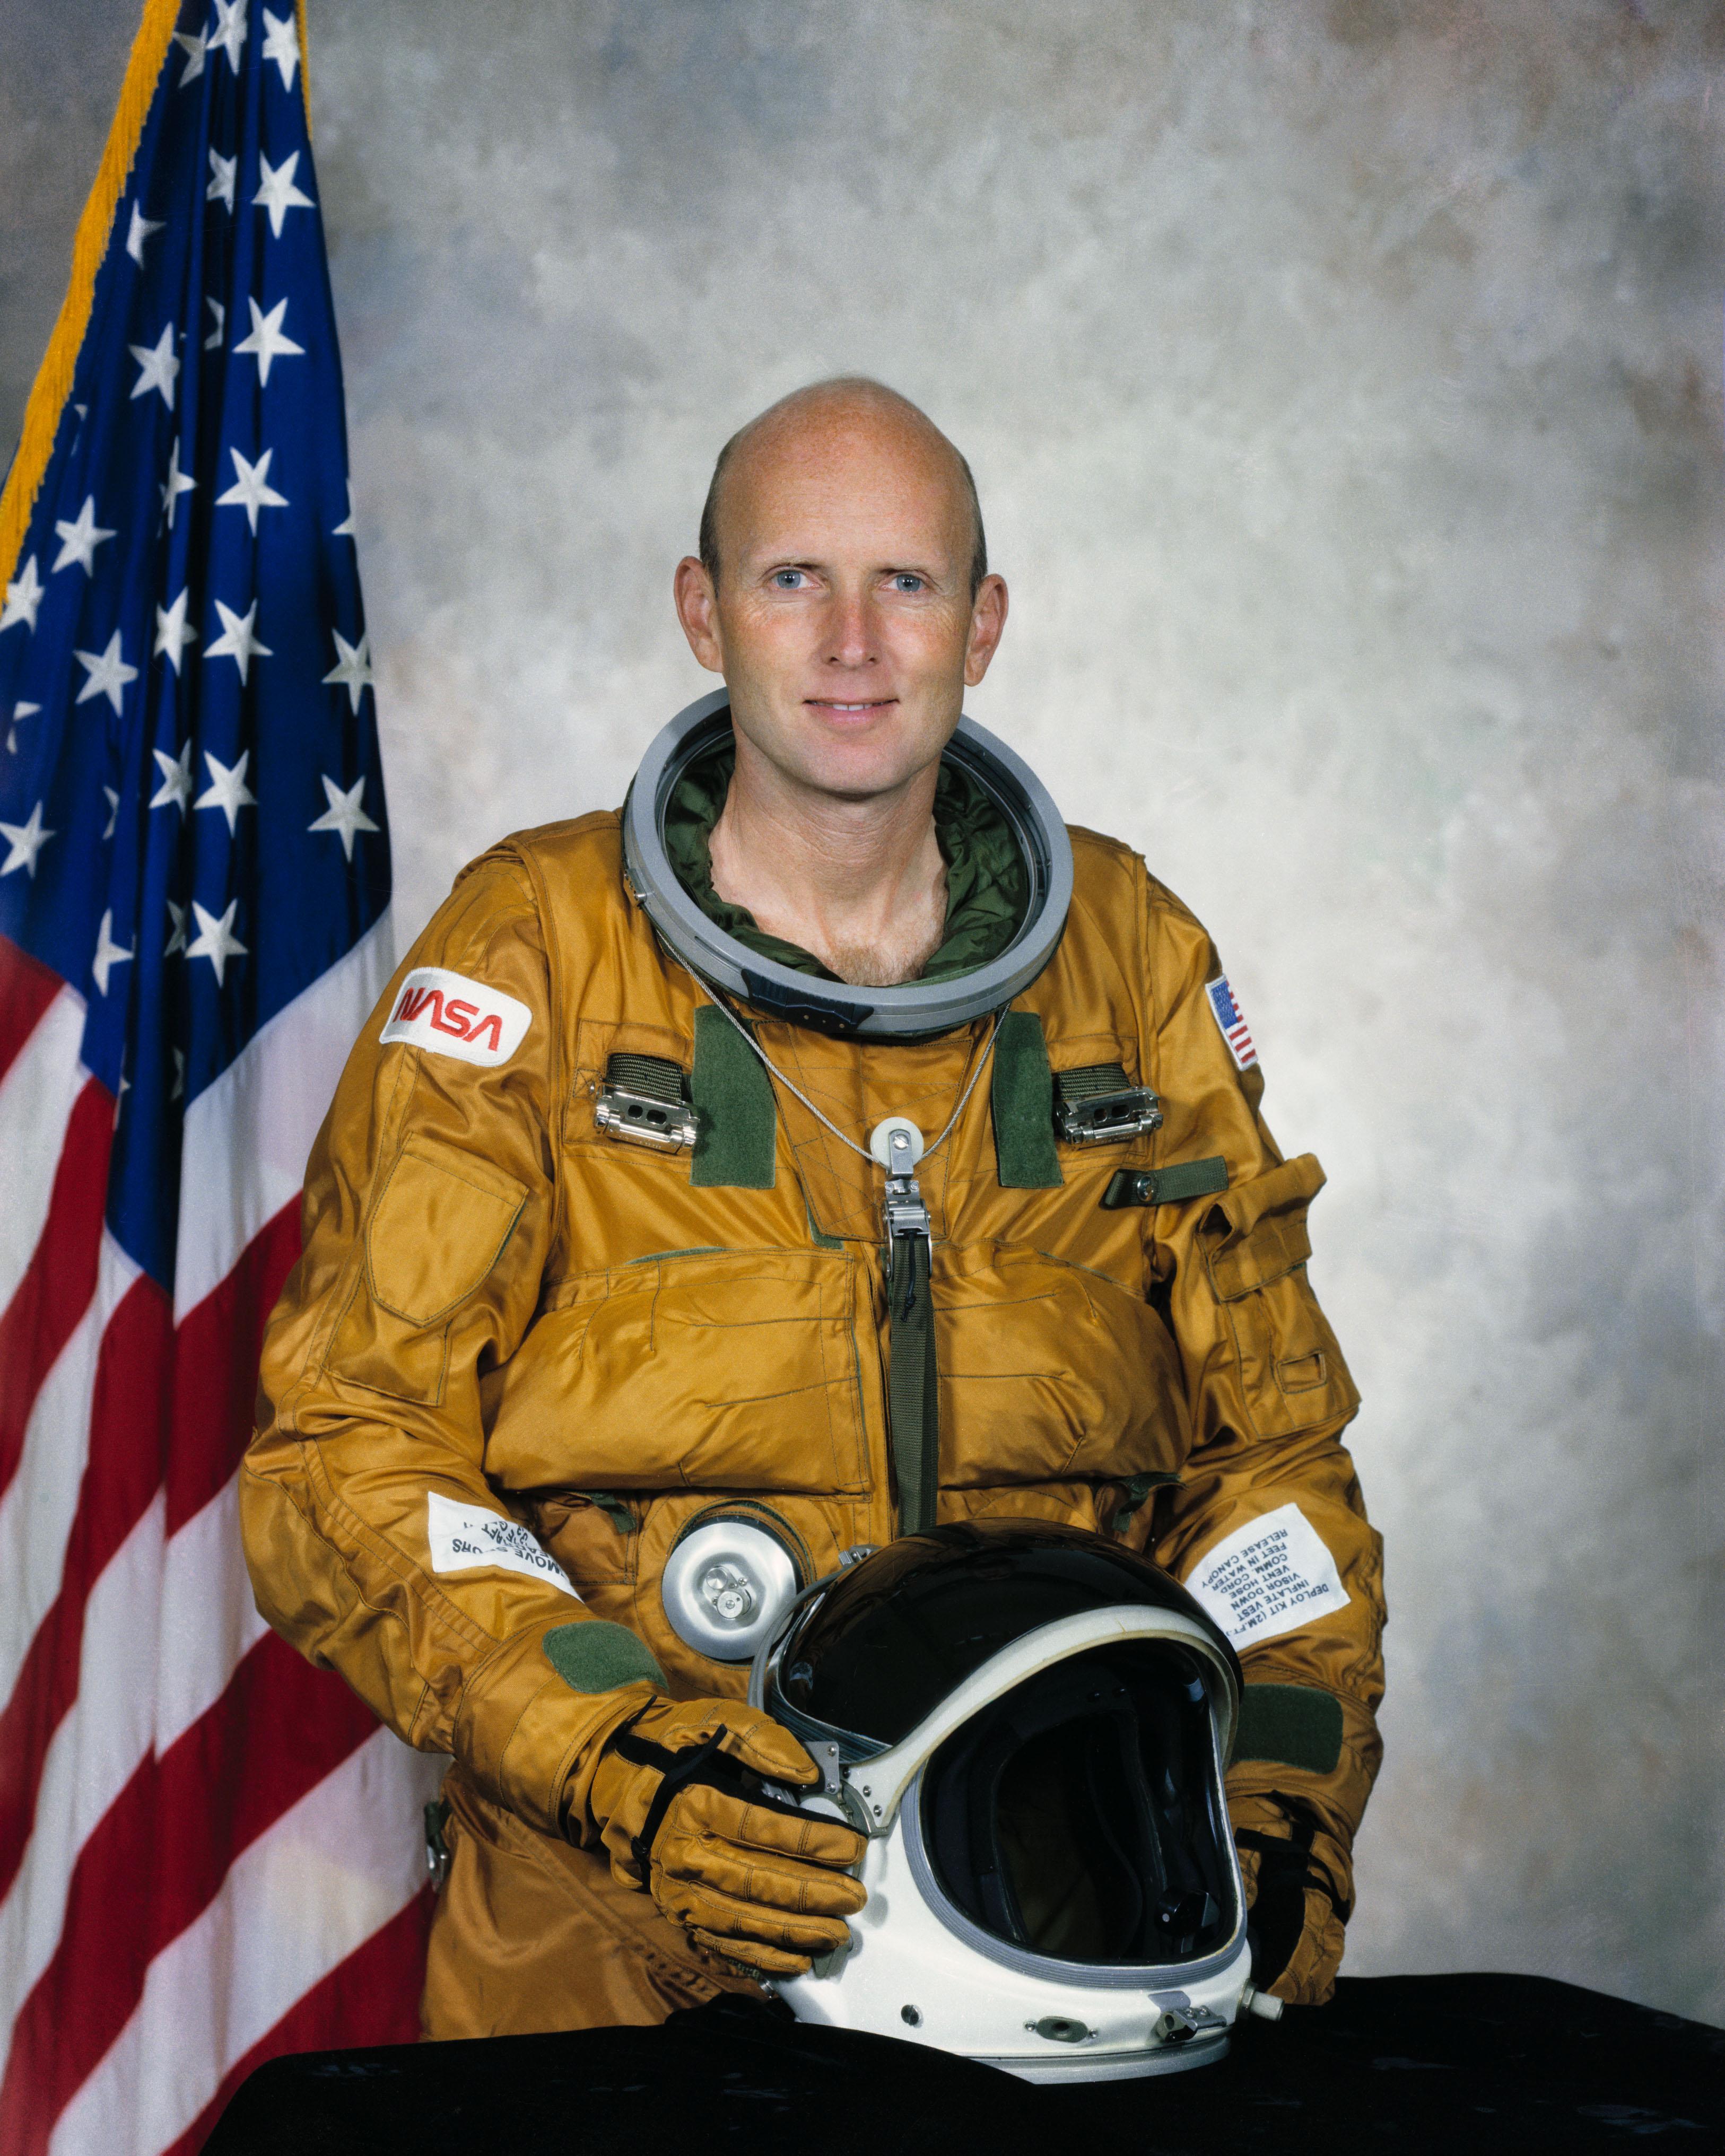 http://upload.wikimedia.org/wikipedia/commons/e/e6/Fullerton.jpg